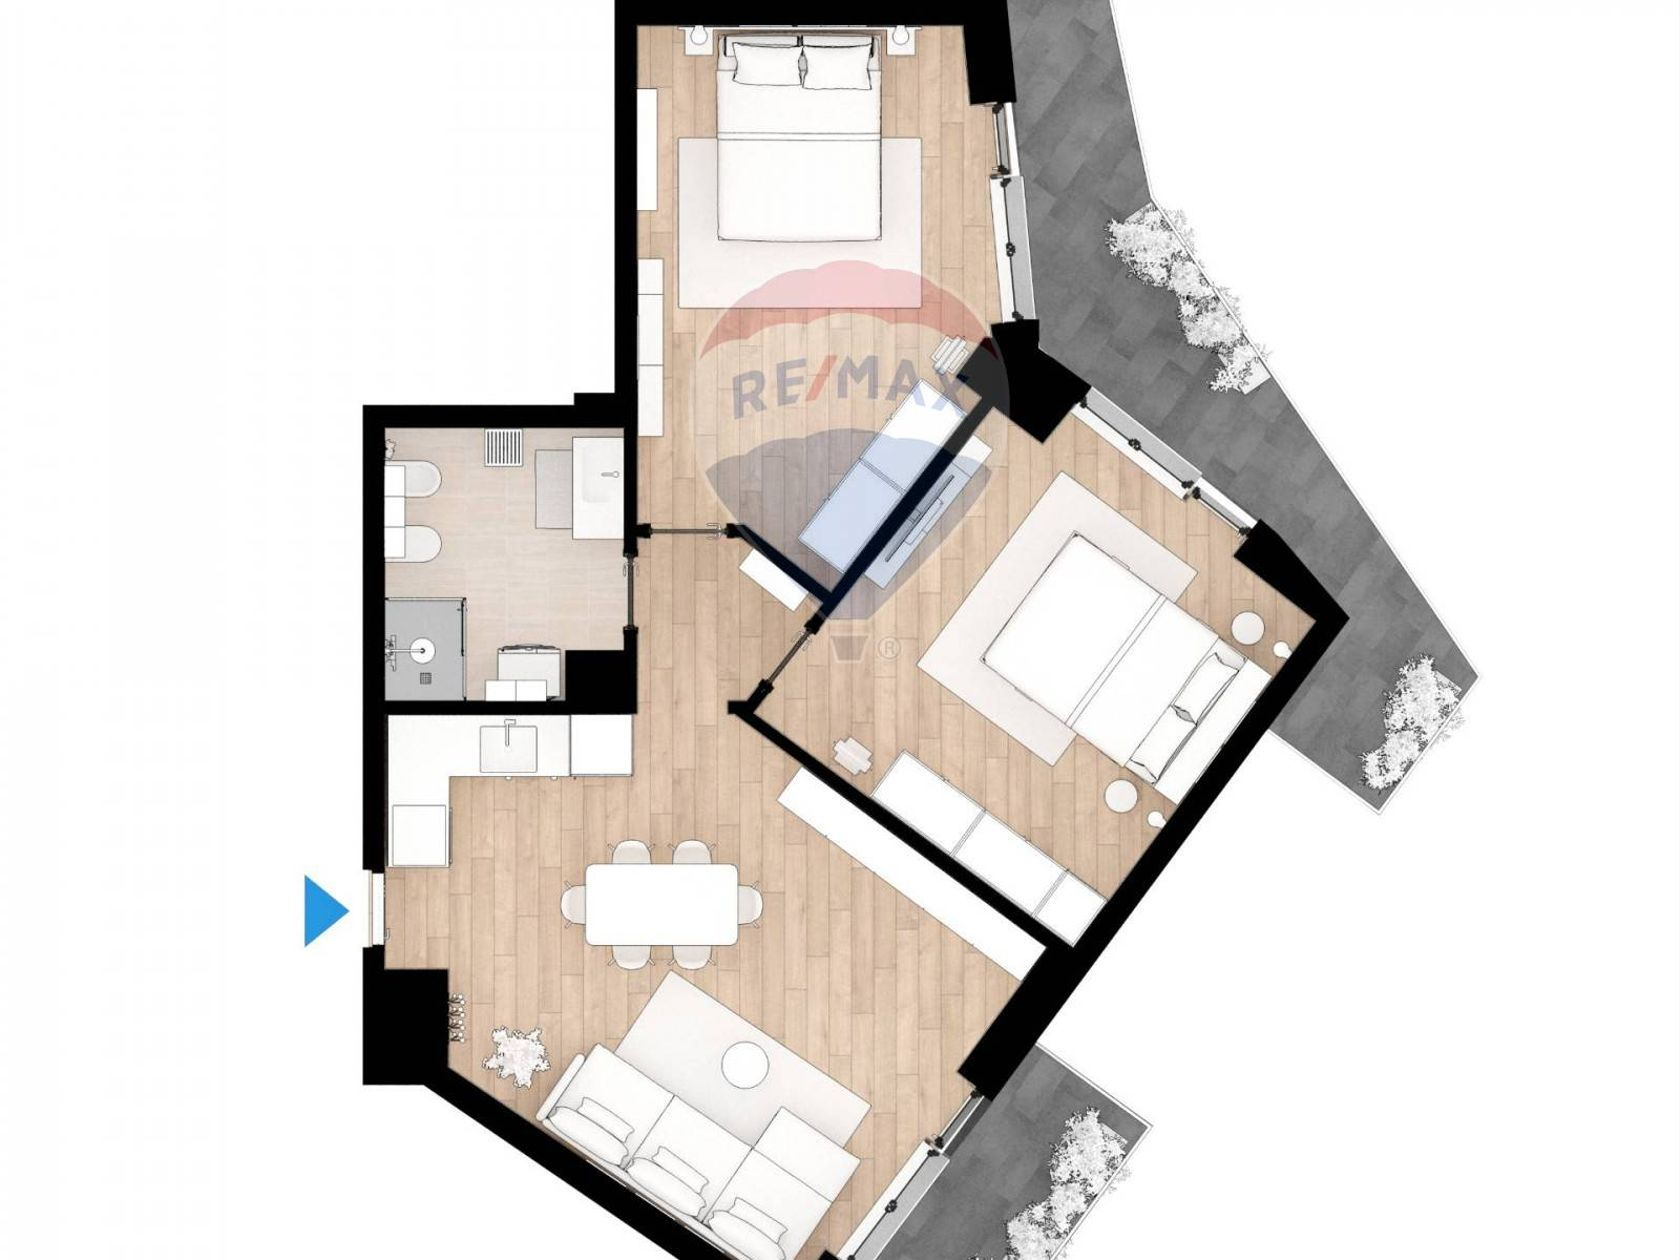 Progetto Appartamento 85 Mq appartamento in vendita roma 20201008-124 | re/max italia